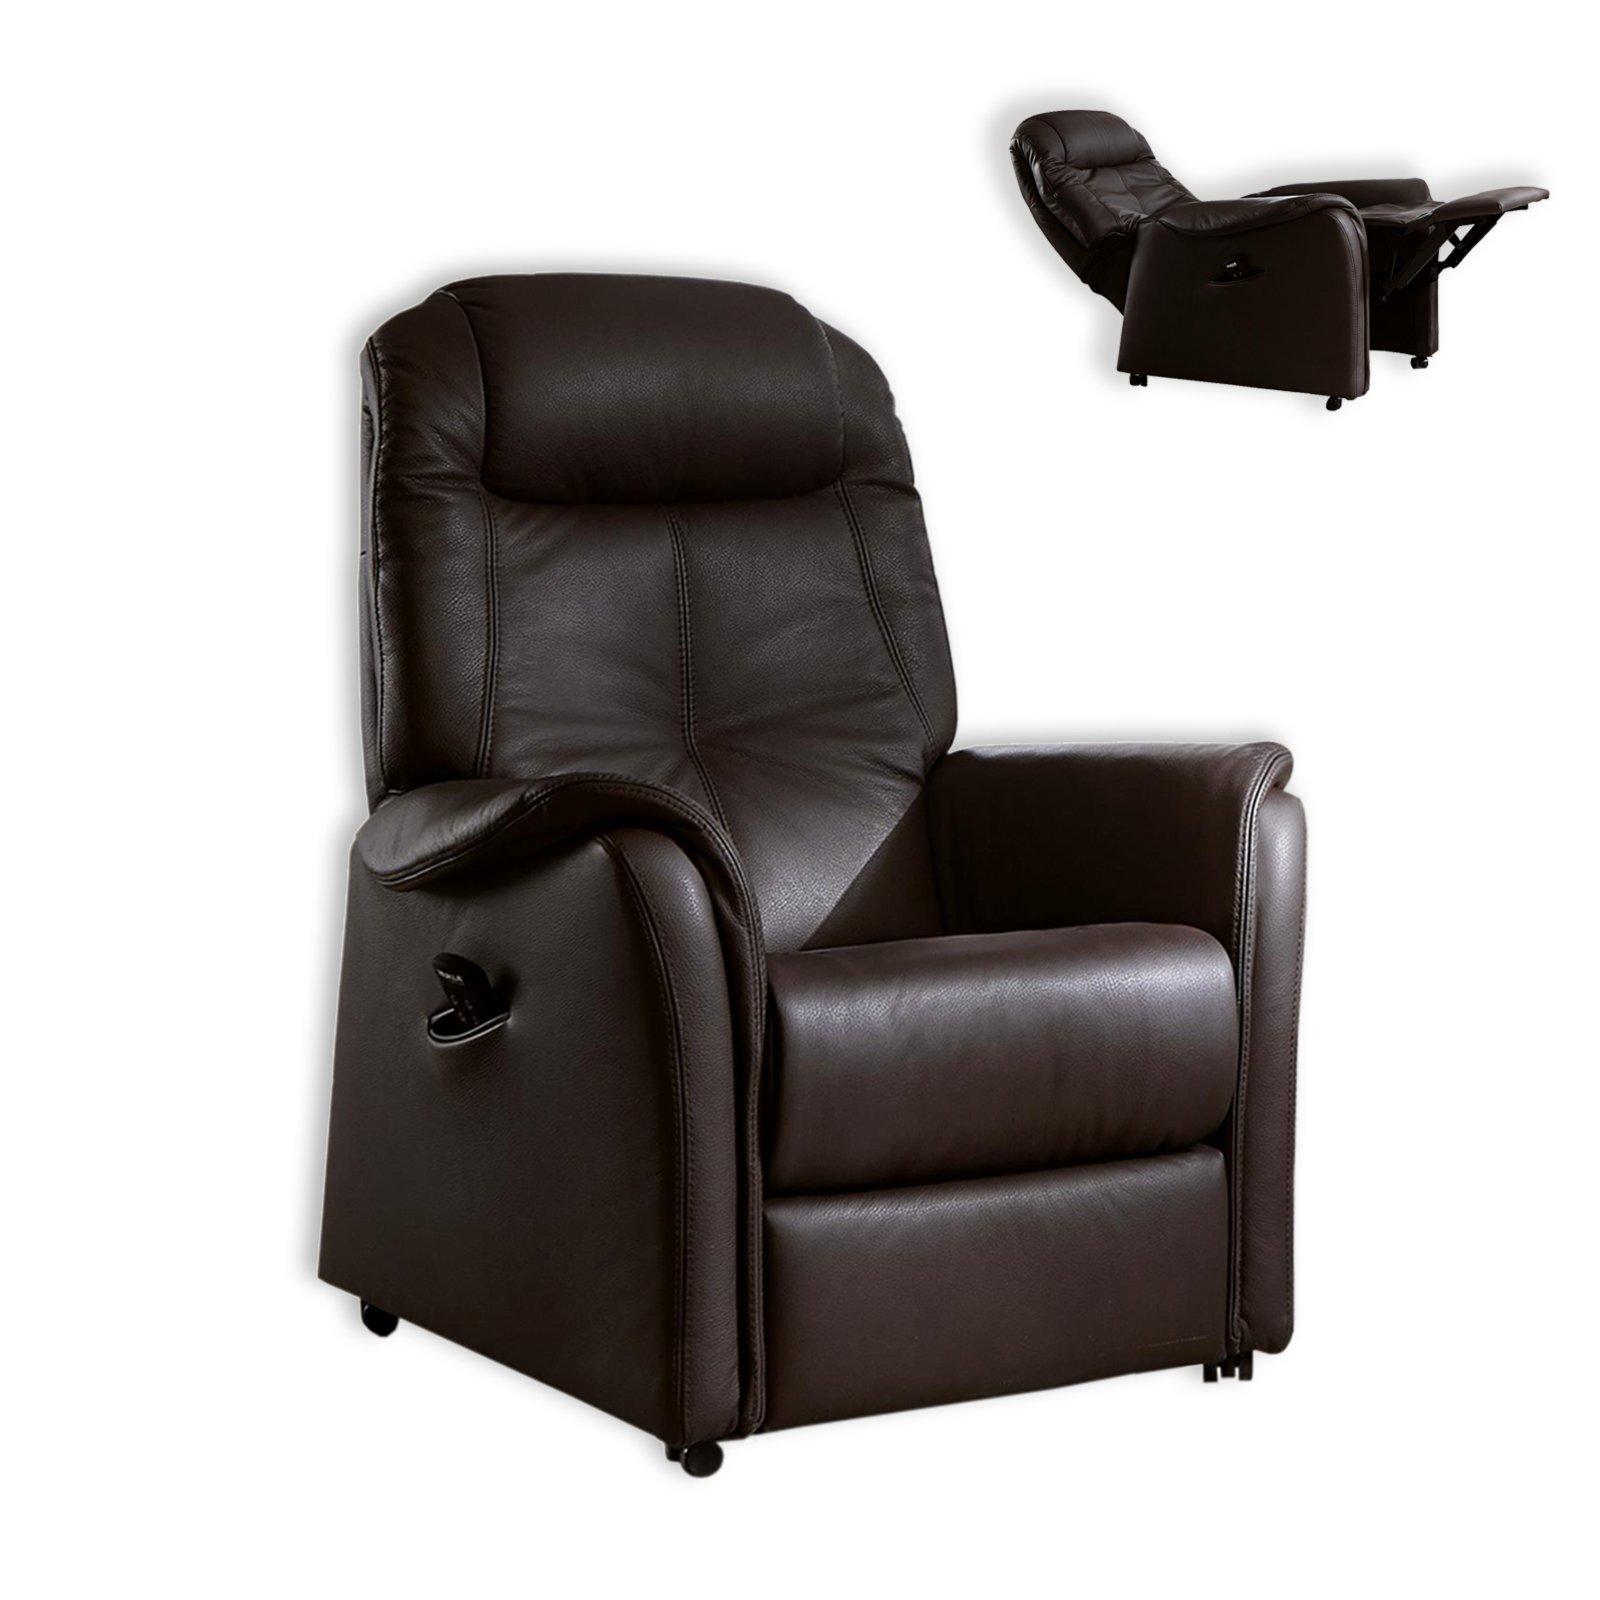 tv ledersessel dunkelbraun funktionen mit motor. Black Bedroom Furniture Sets. Home Design Ideas